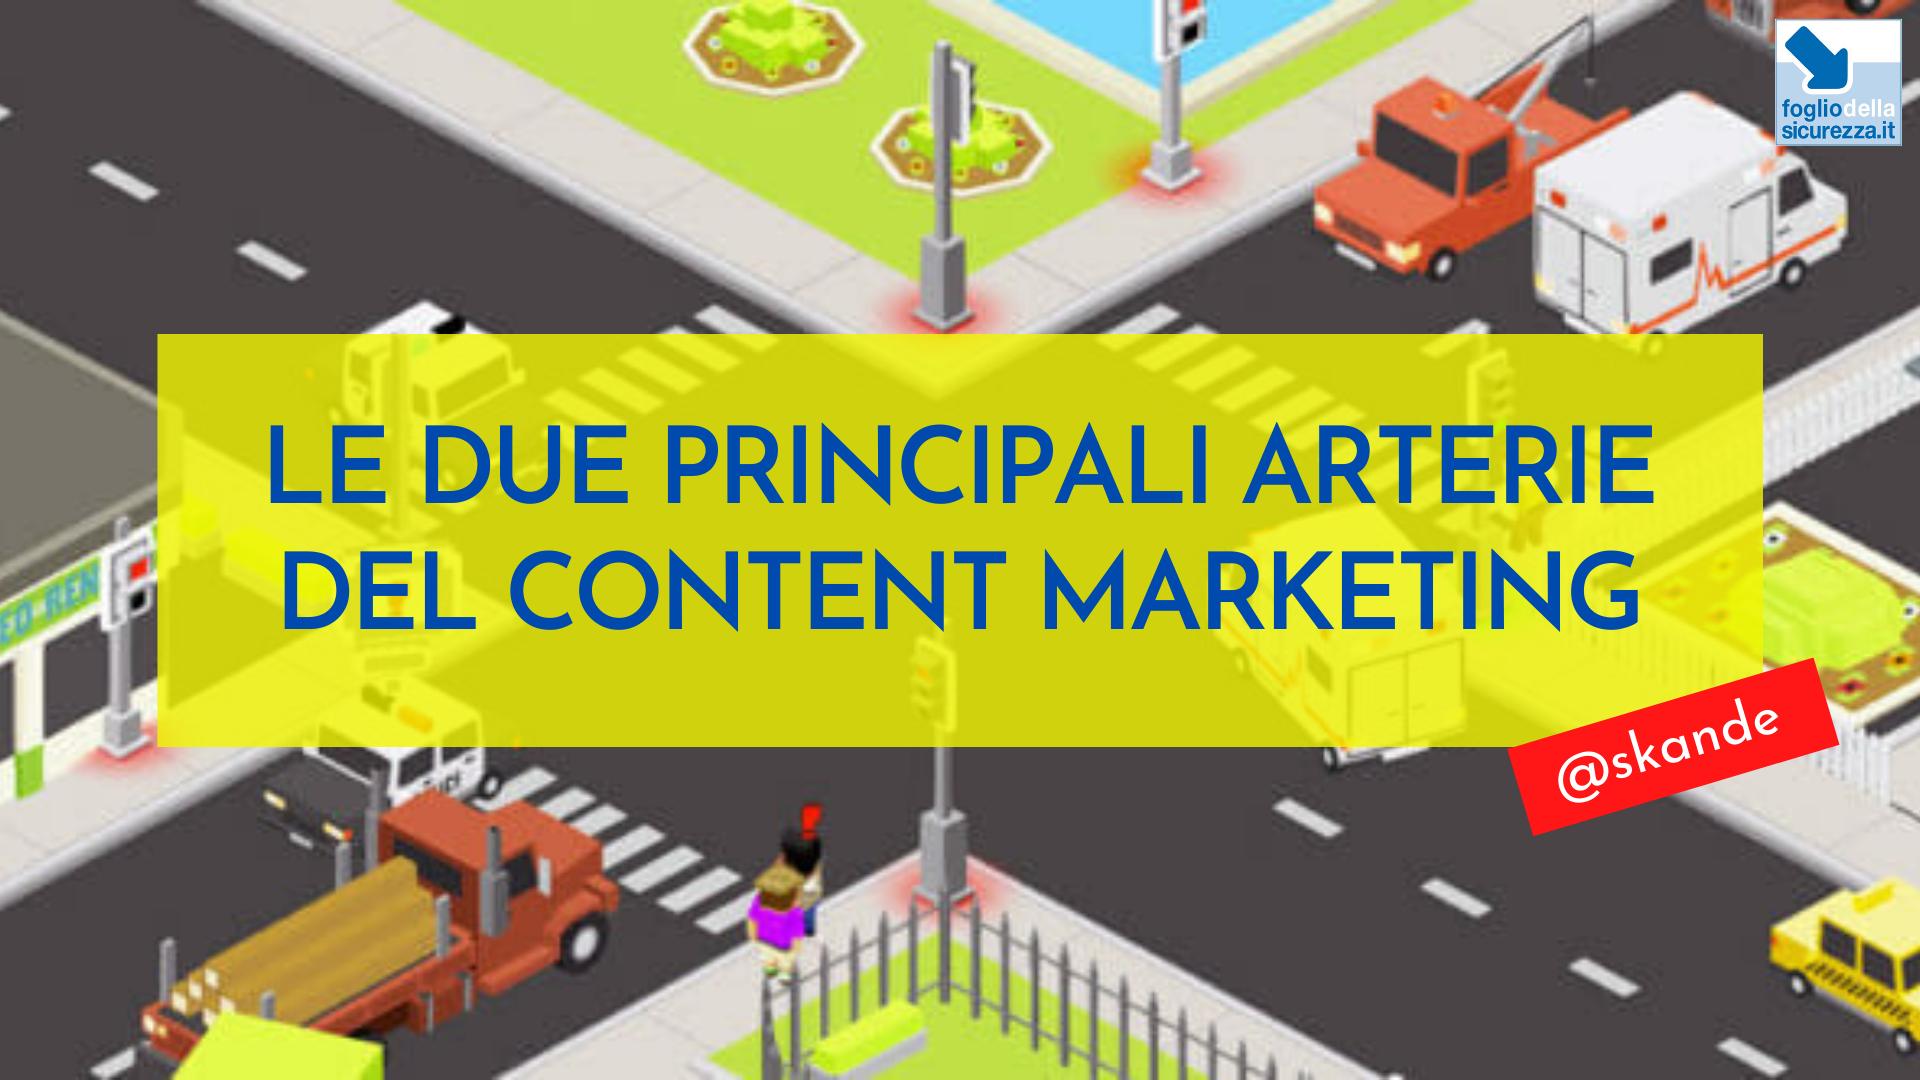 Le due principali arterie del content marketing